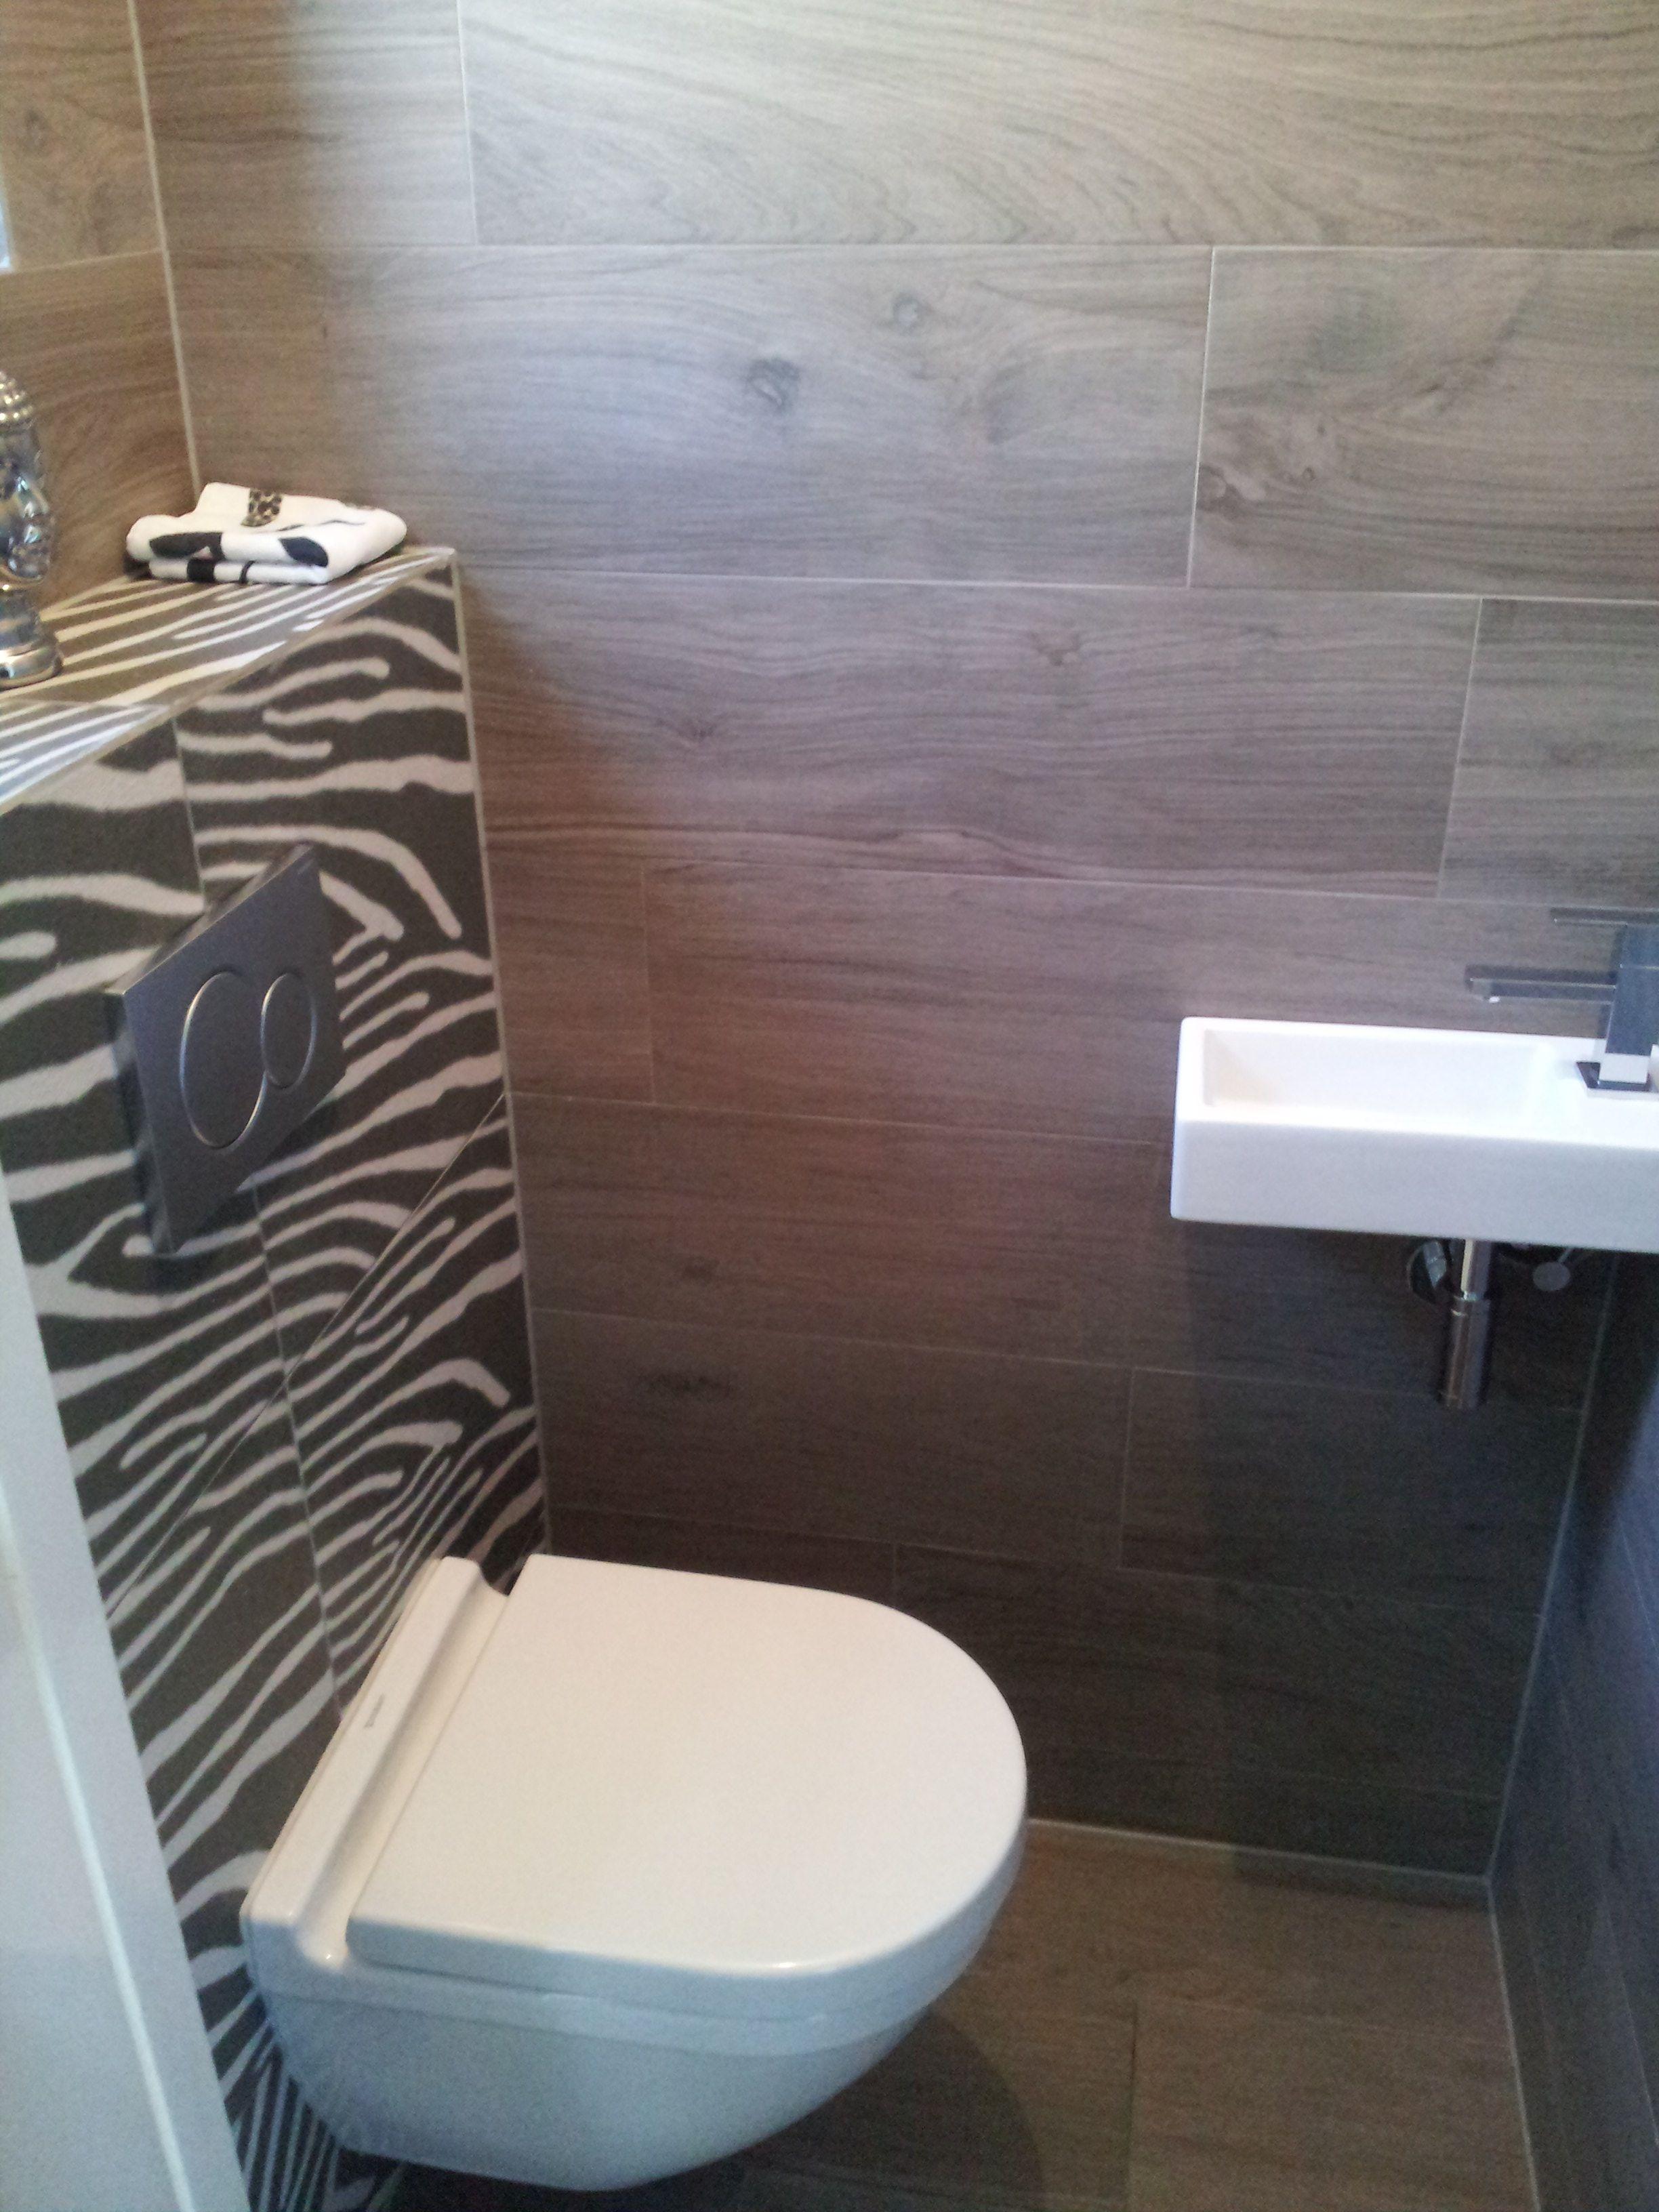 Welbie sanitair) denkend aan de vakantie in afrika ..... toilet ...